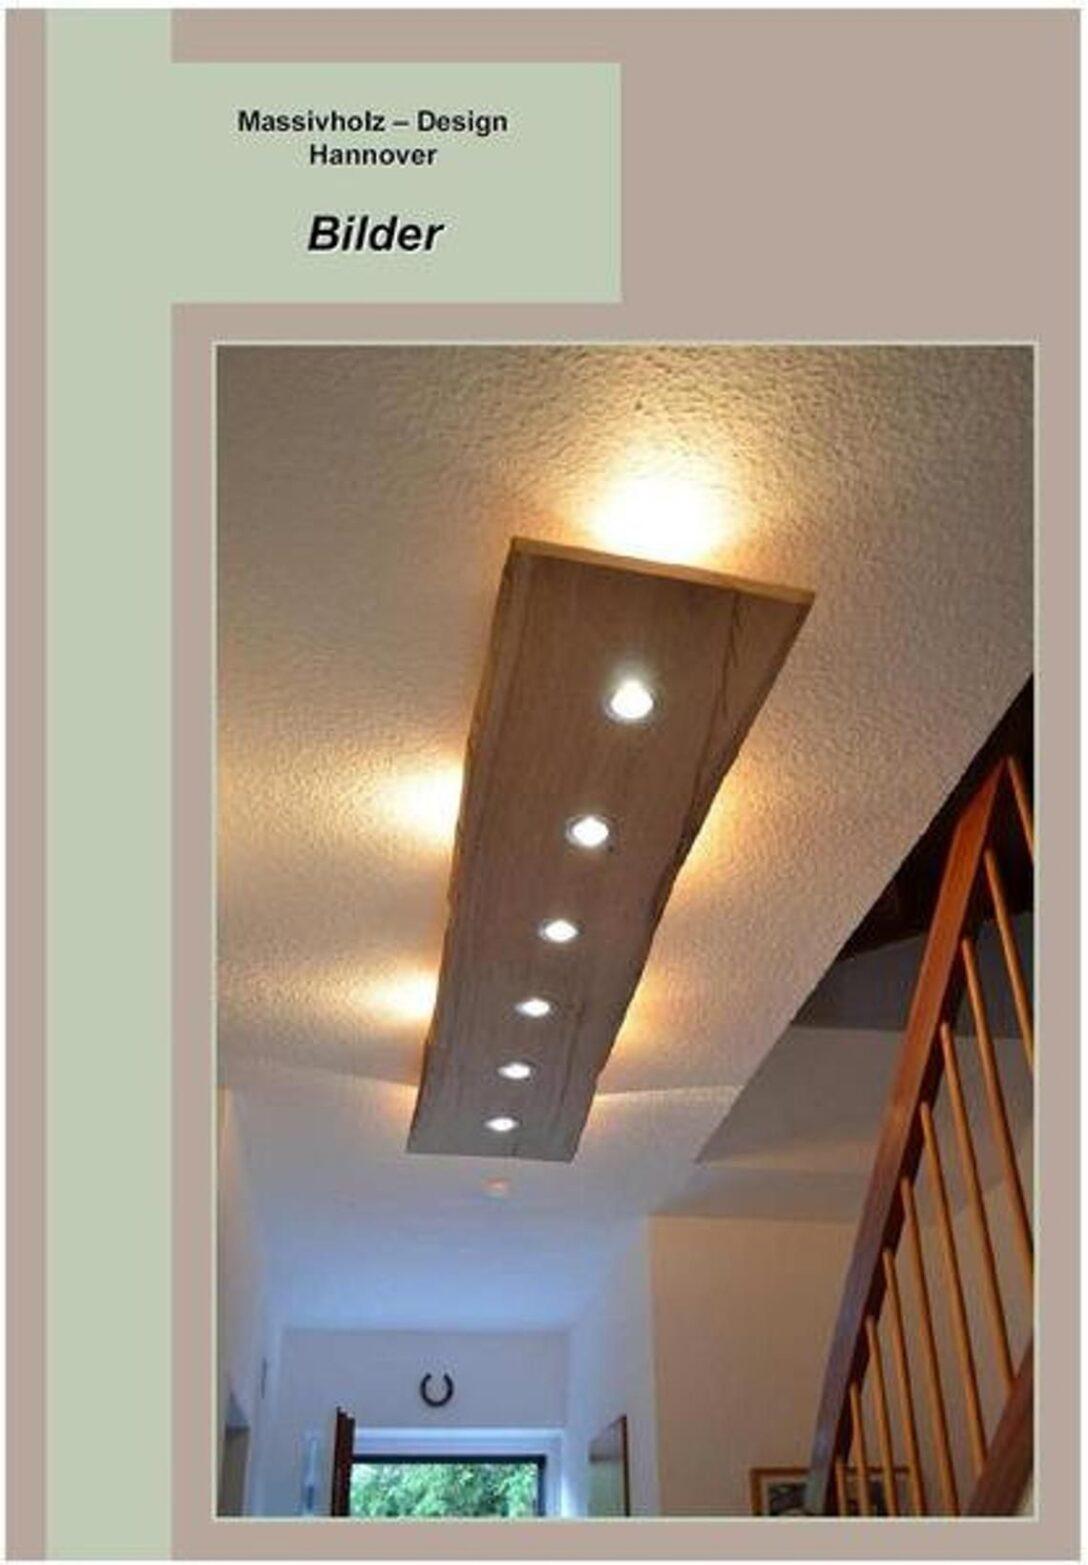 Large Size of Wohnzimmer Lampe Selber Machen Selbst Bauen Beleuchtung Led Holz Leuchte Indirekte Dimmbar Decke Wohnzimmerleuchte Lampen Küche Wandbild Deckenlampe Bad Wohnzimmer Wohnzimmer Lampe Selber Bauen